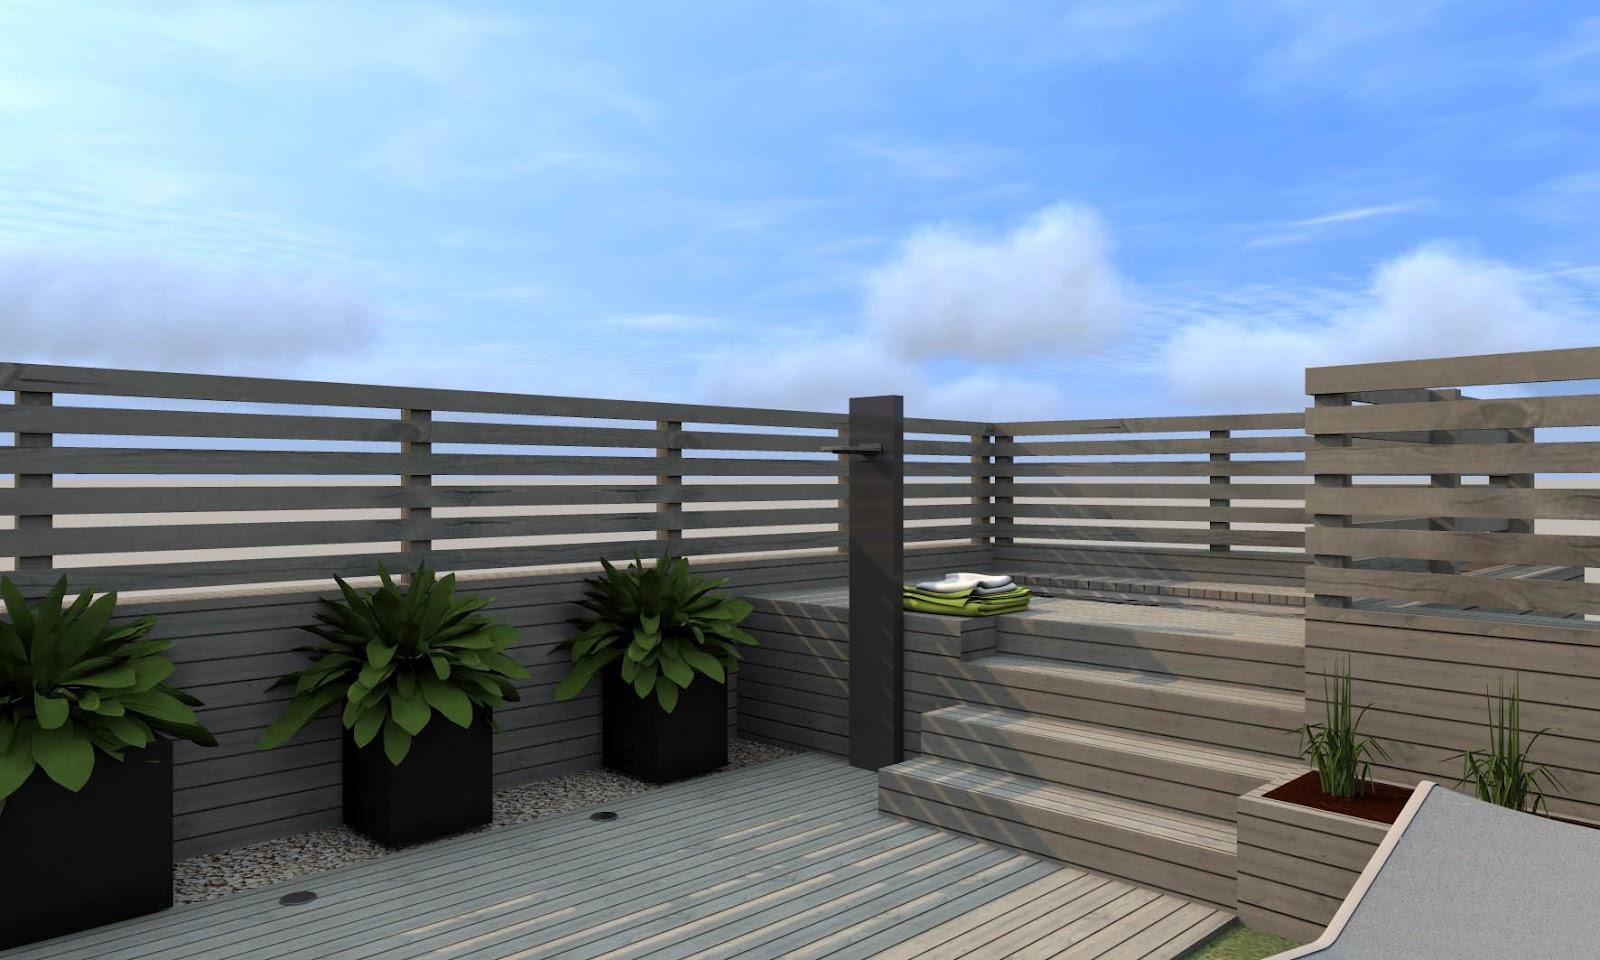 Fggd arquitectura proyectos dise o integral de terraza for Jardin en azotea diseno